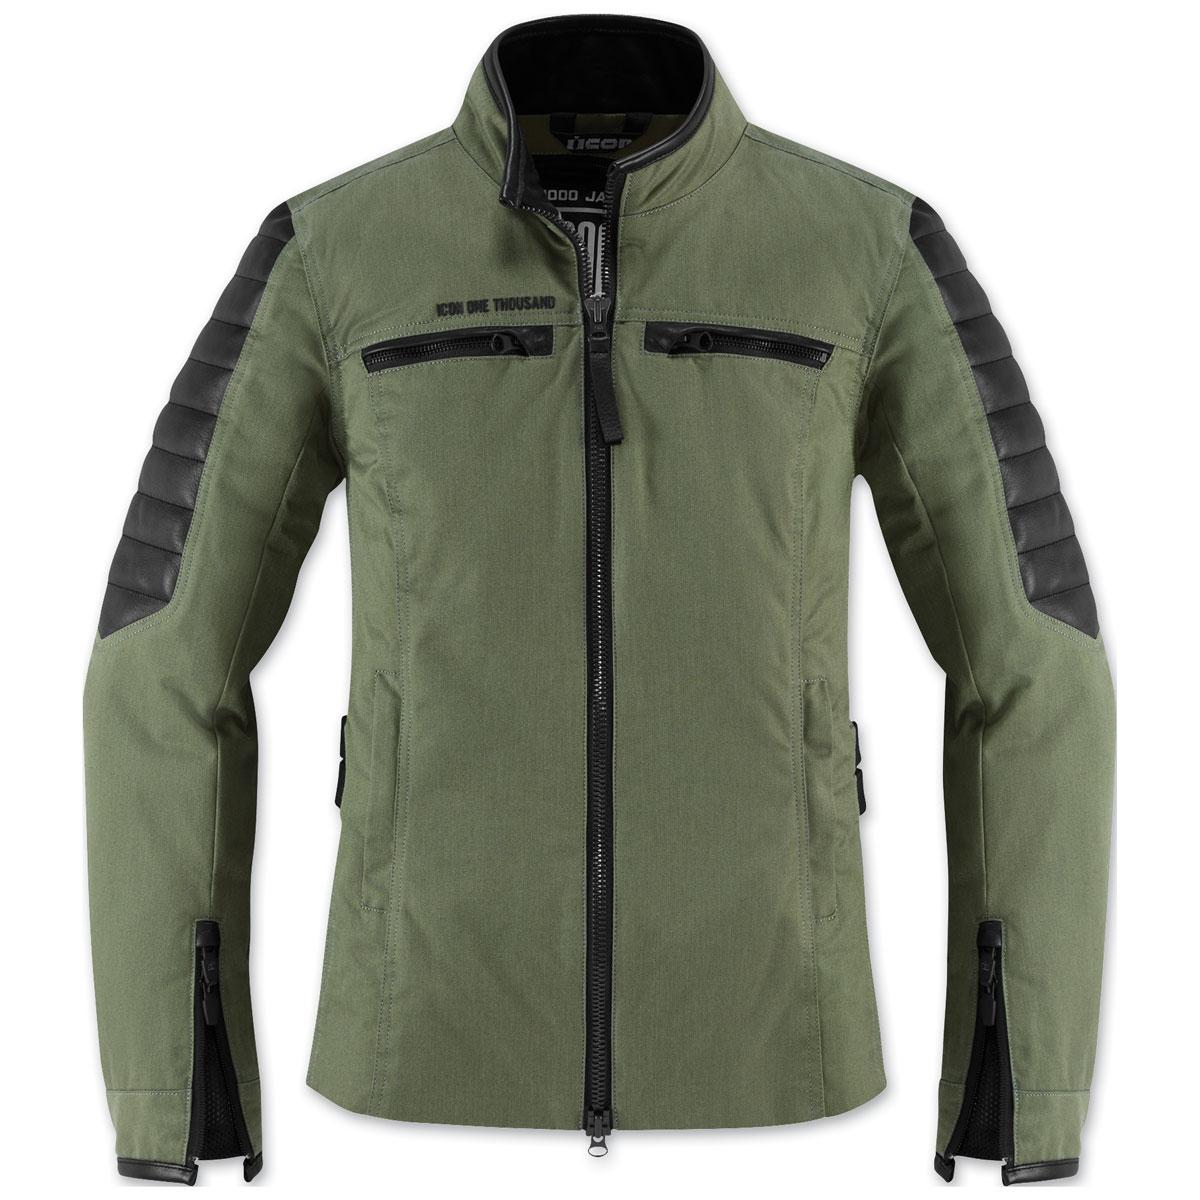 ICON One Thousand Women's MH1000 Green Textile Jacket